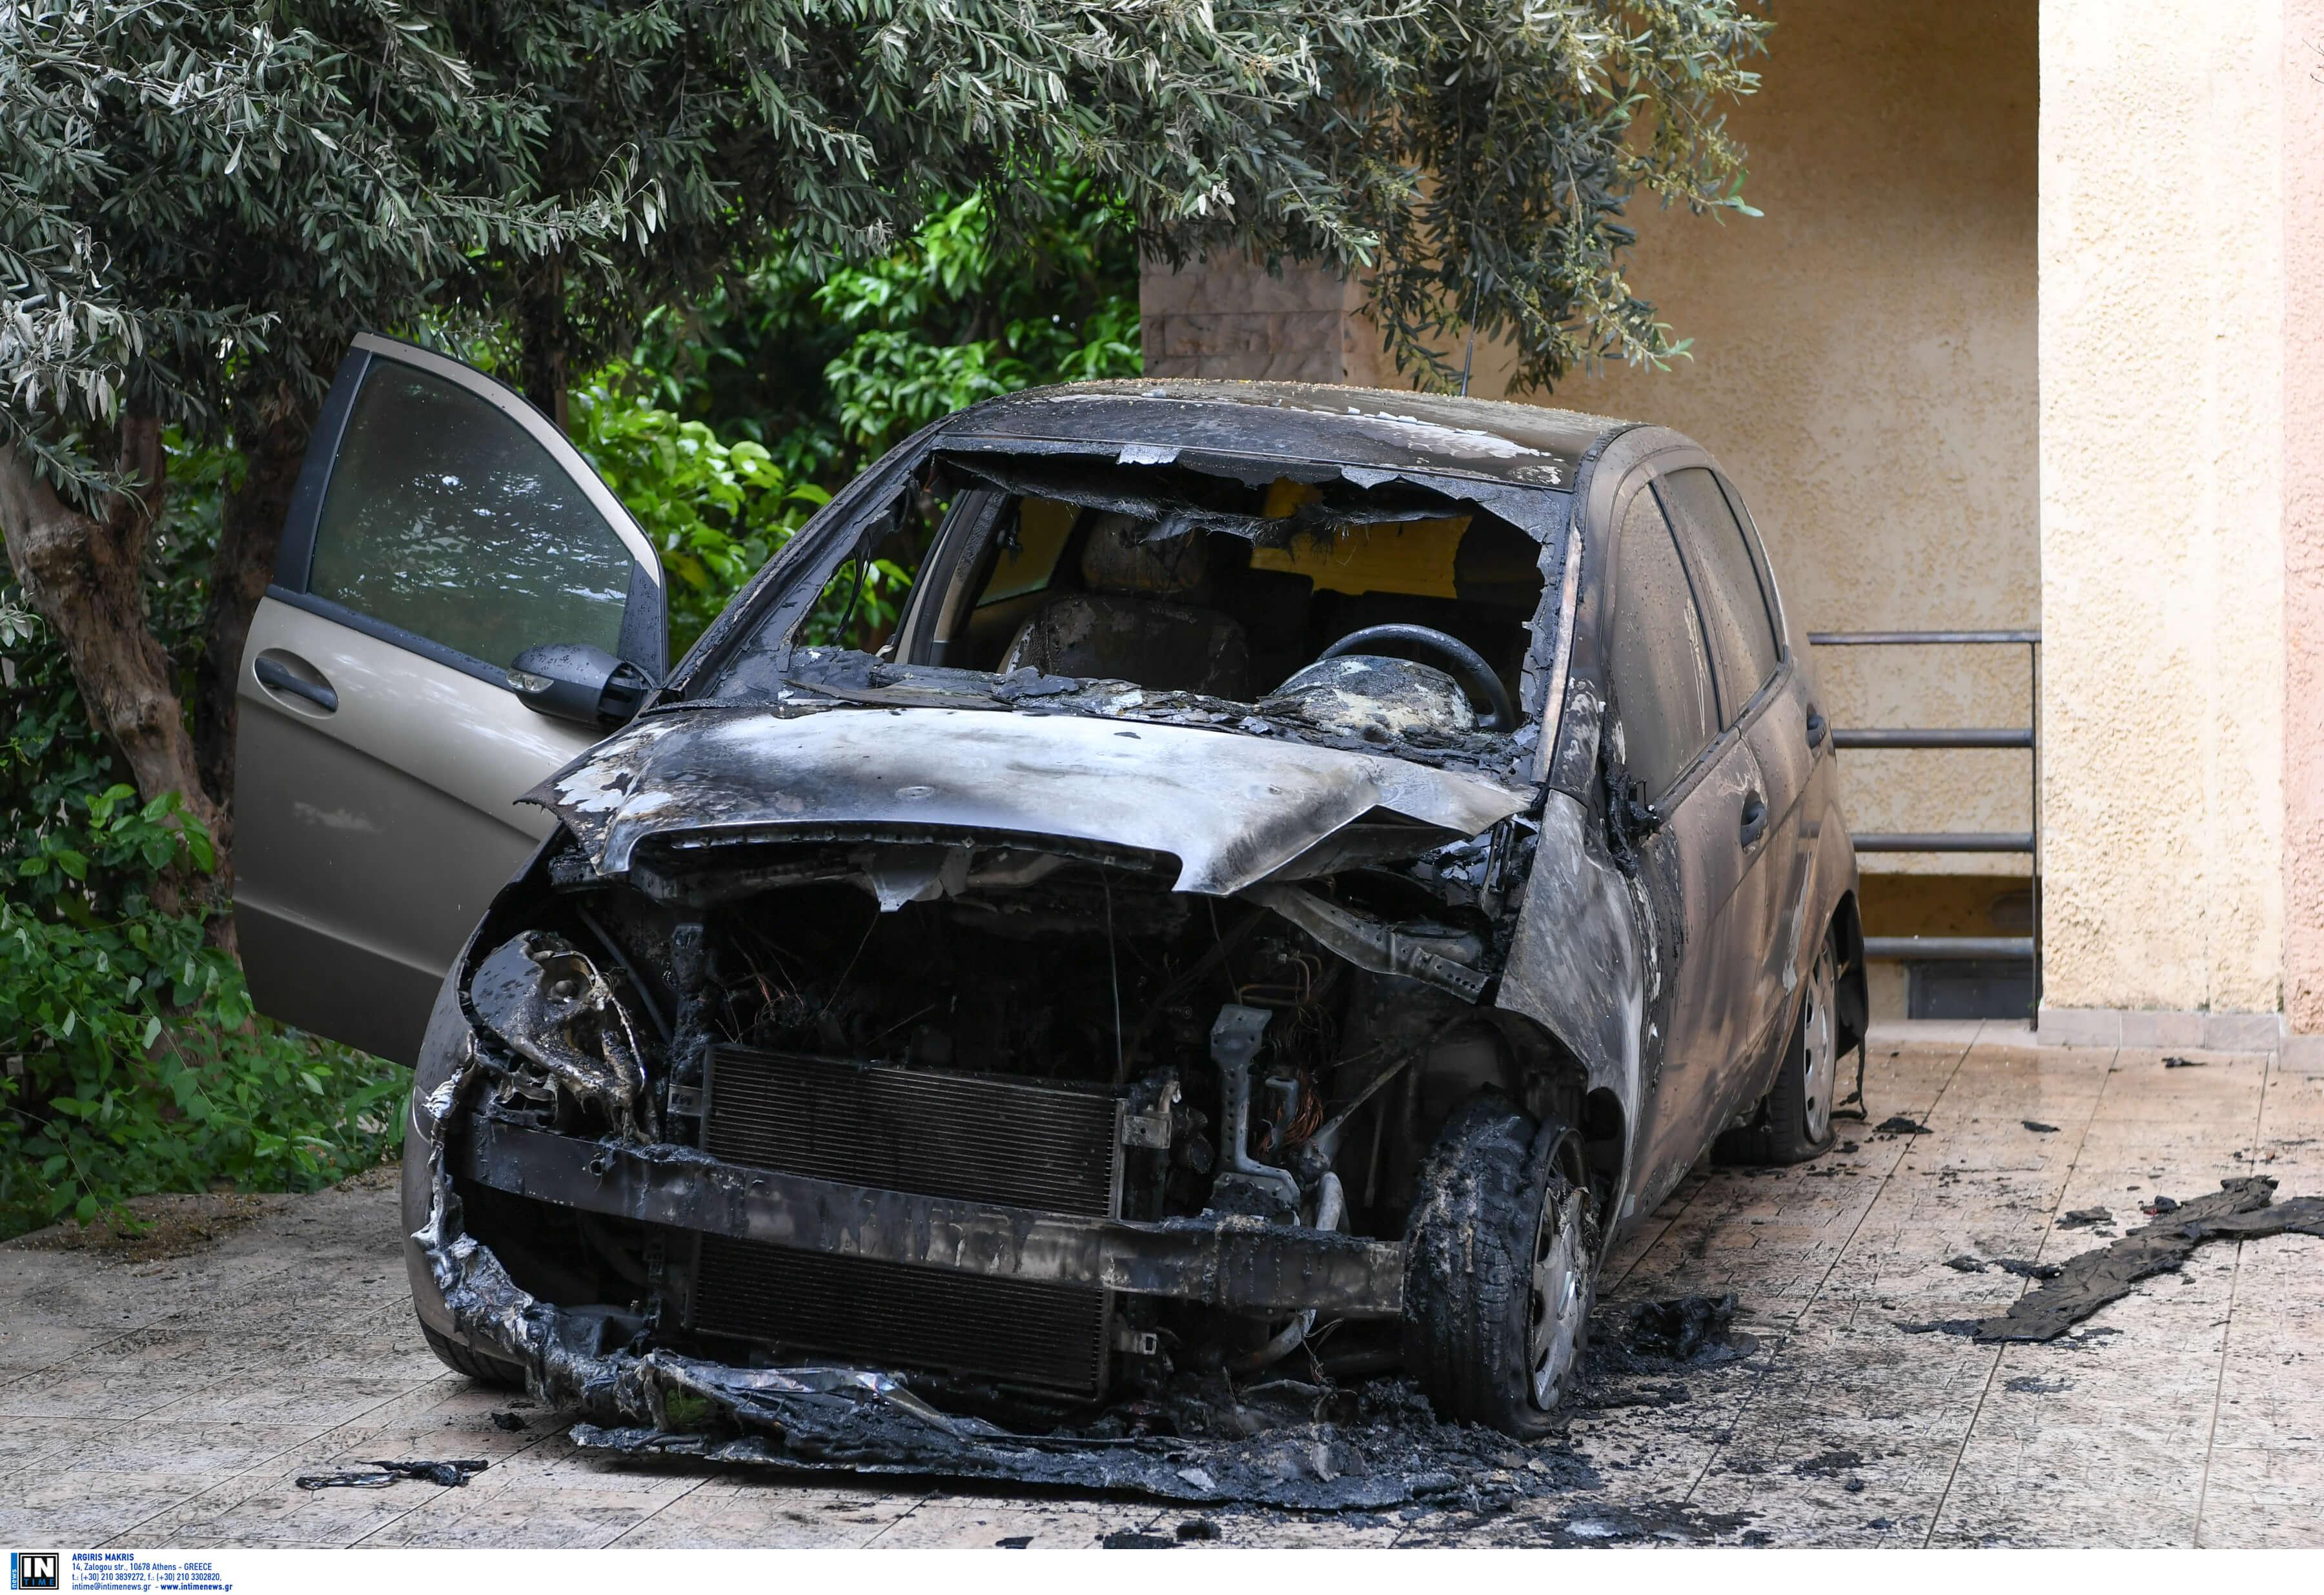 Καταδίκη της επίθεσης στη Μίνα Καραμήτρου